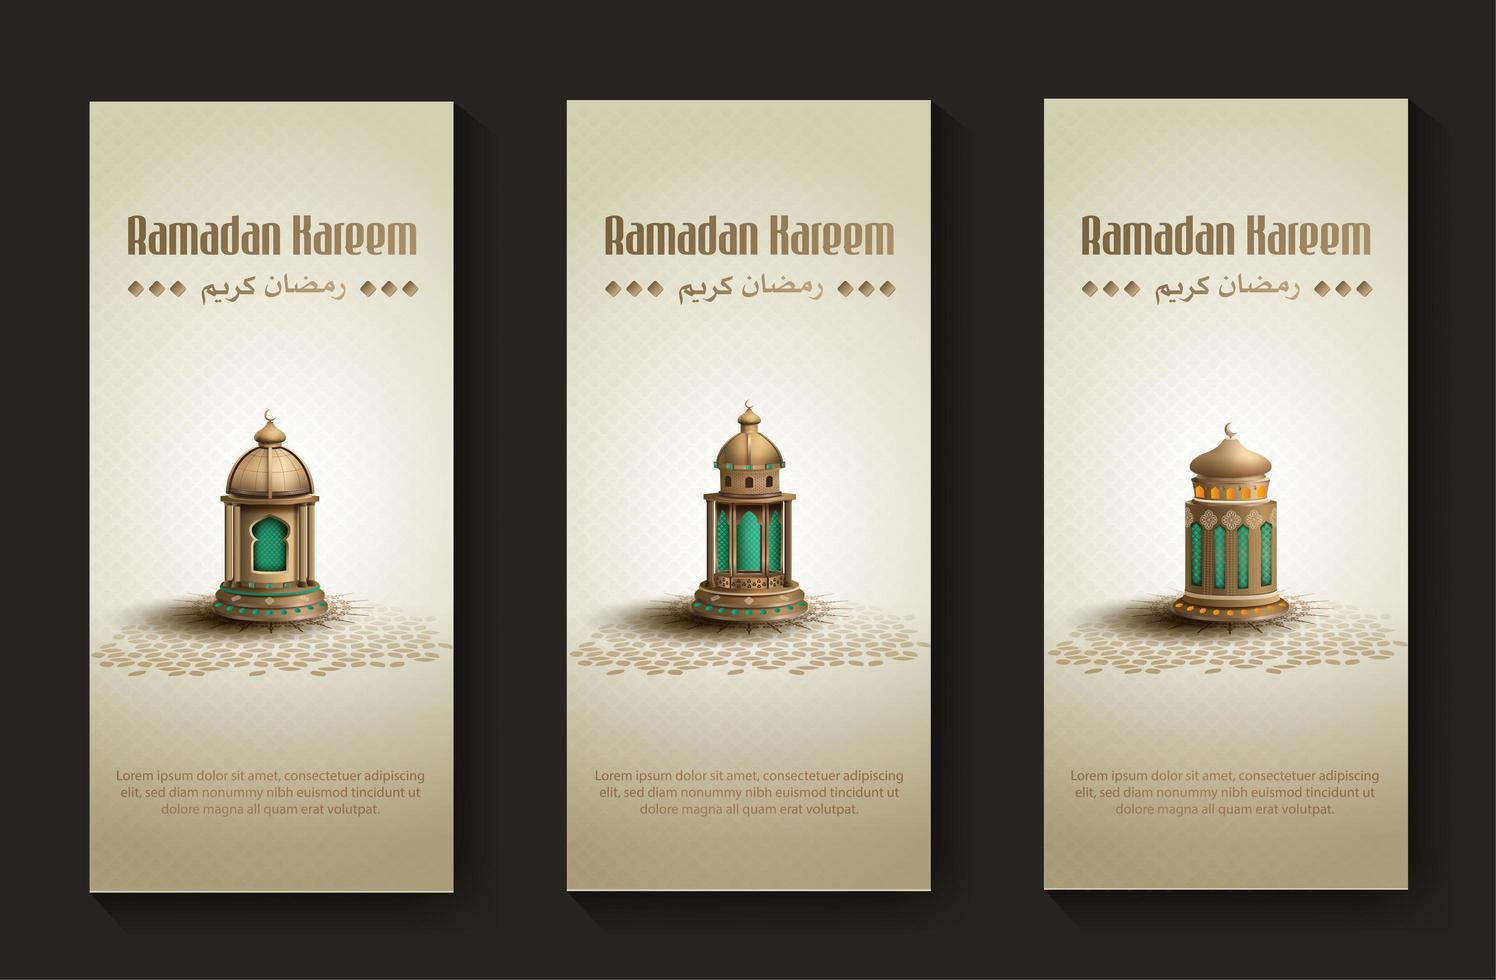 uppsättning islamiska hälsningar ramadan kareem kortmall med vackra gyllene lyktor vektor